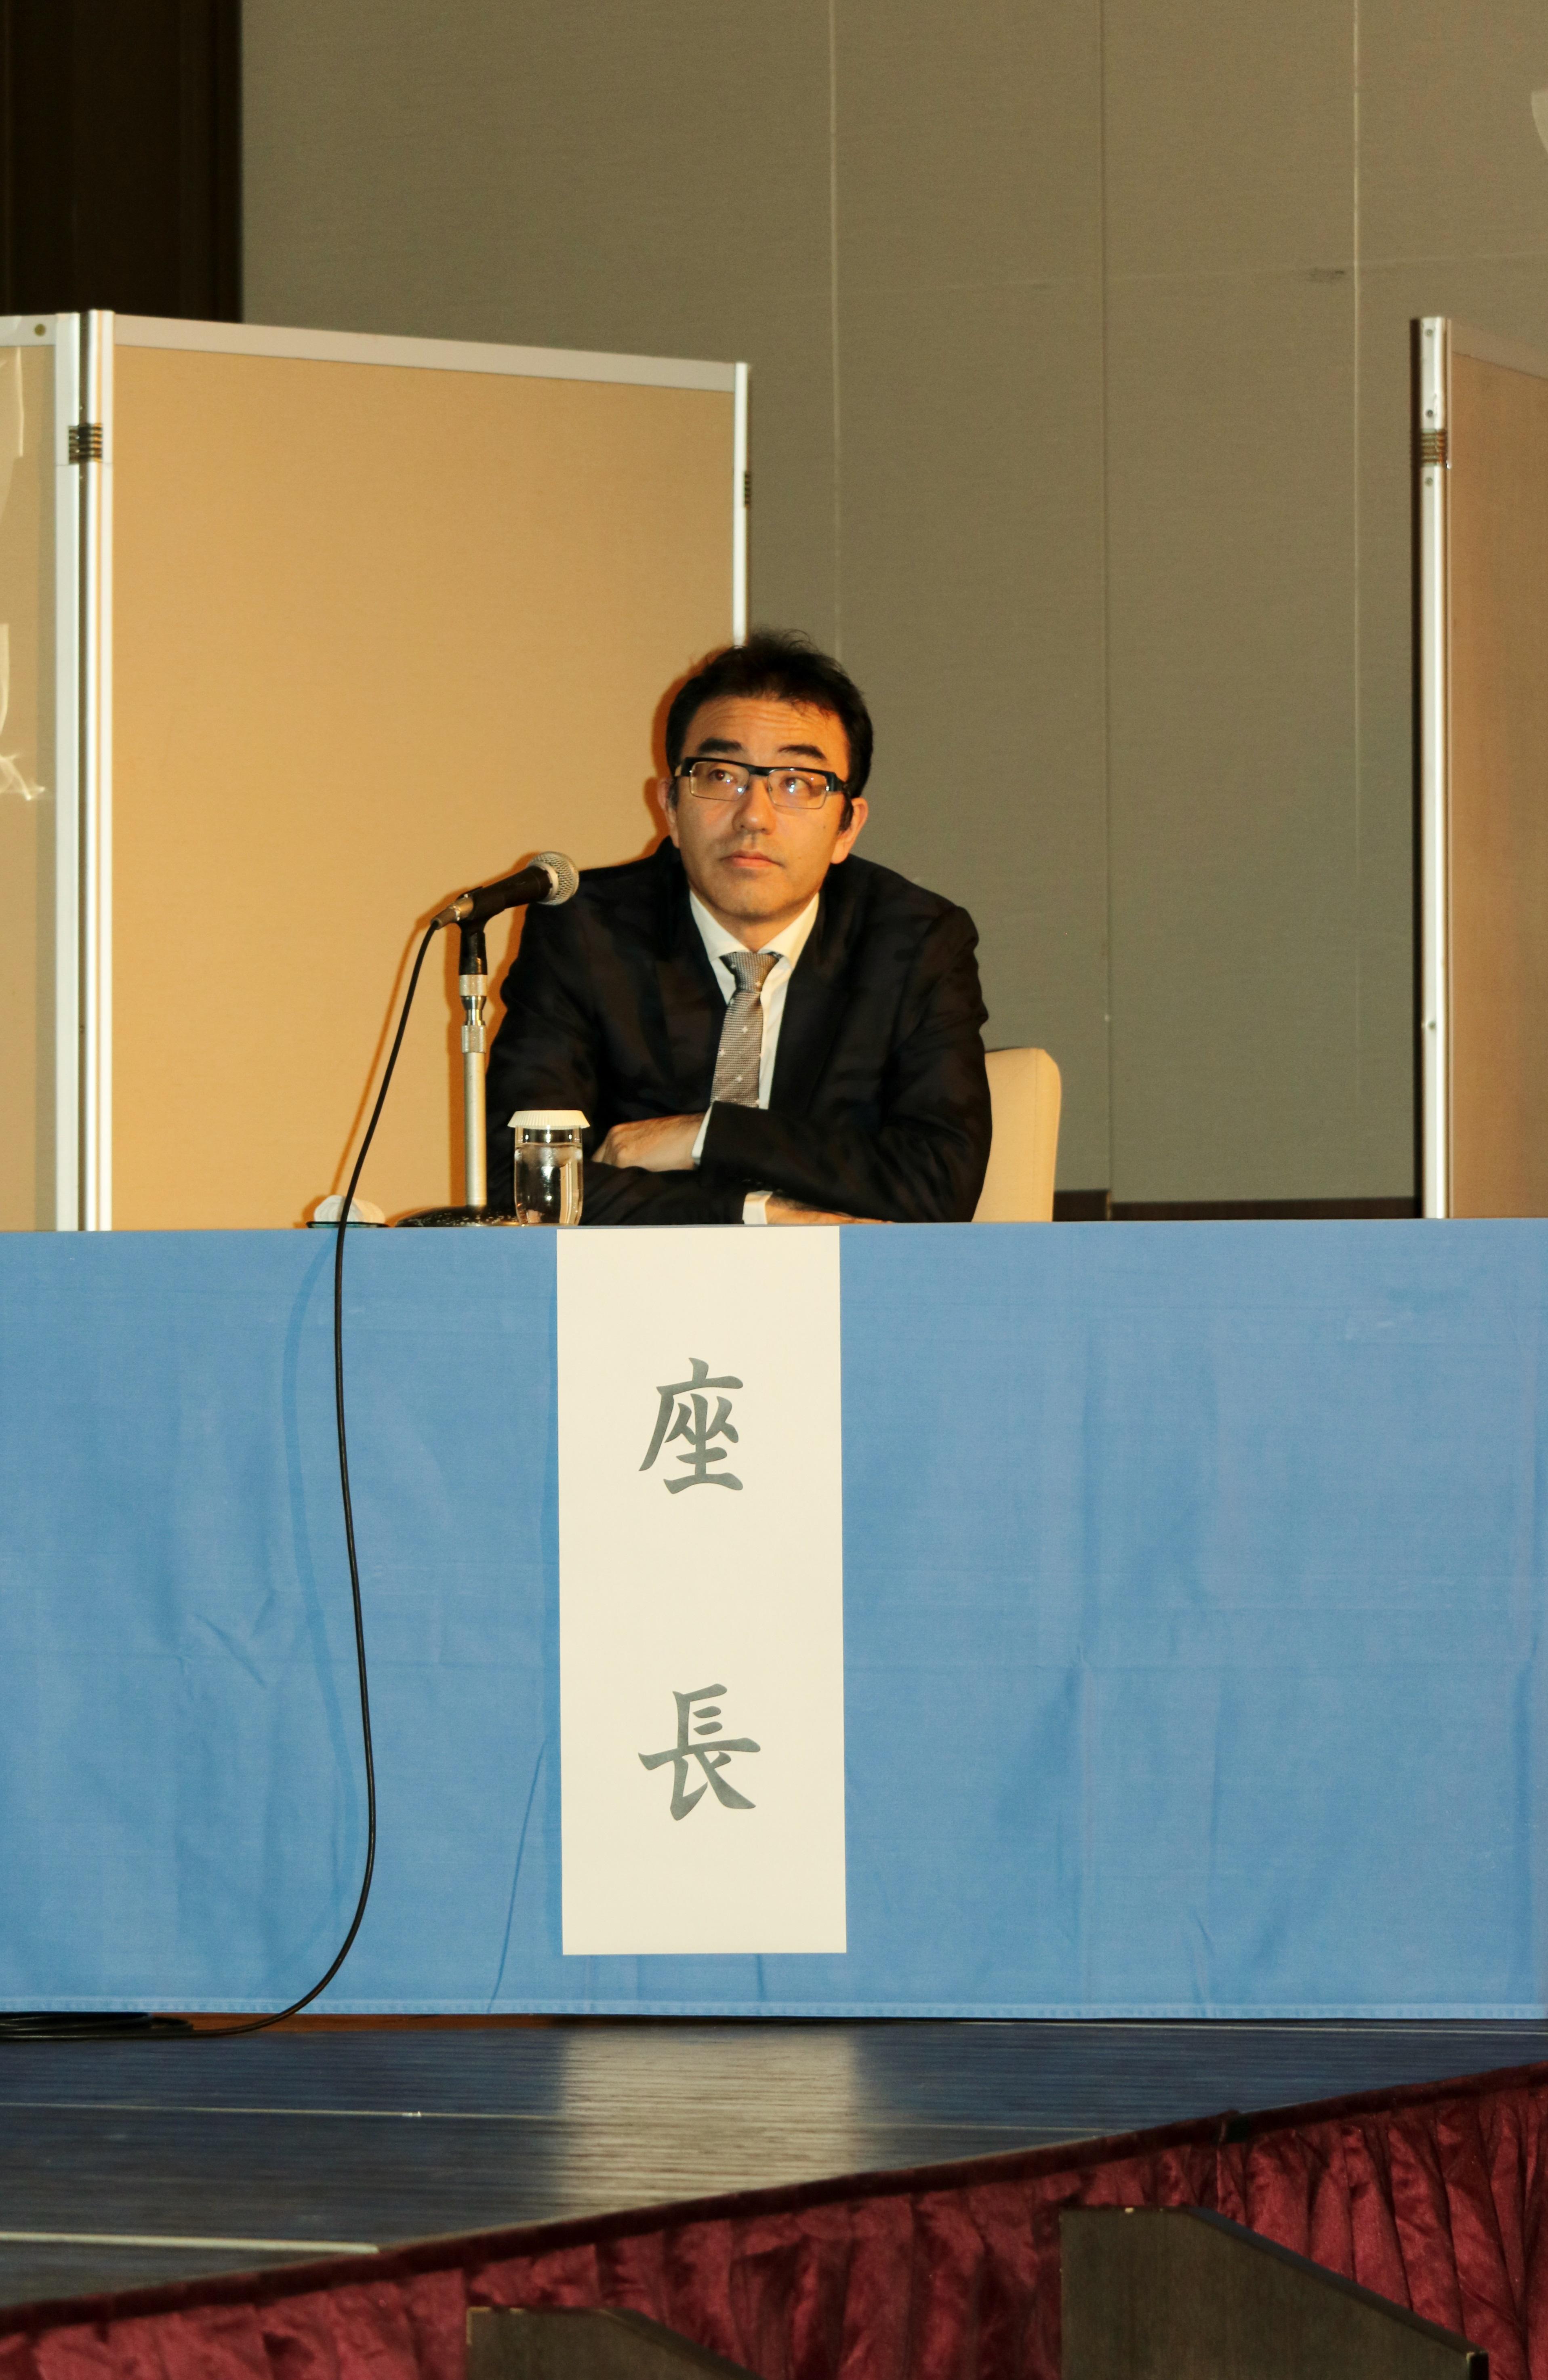 学術研修会大会長には時吉聡介病棟医長が努められました。